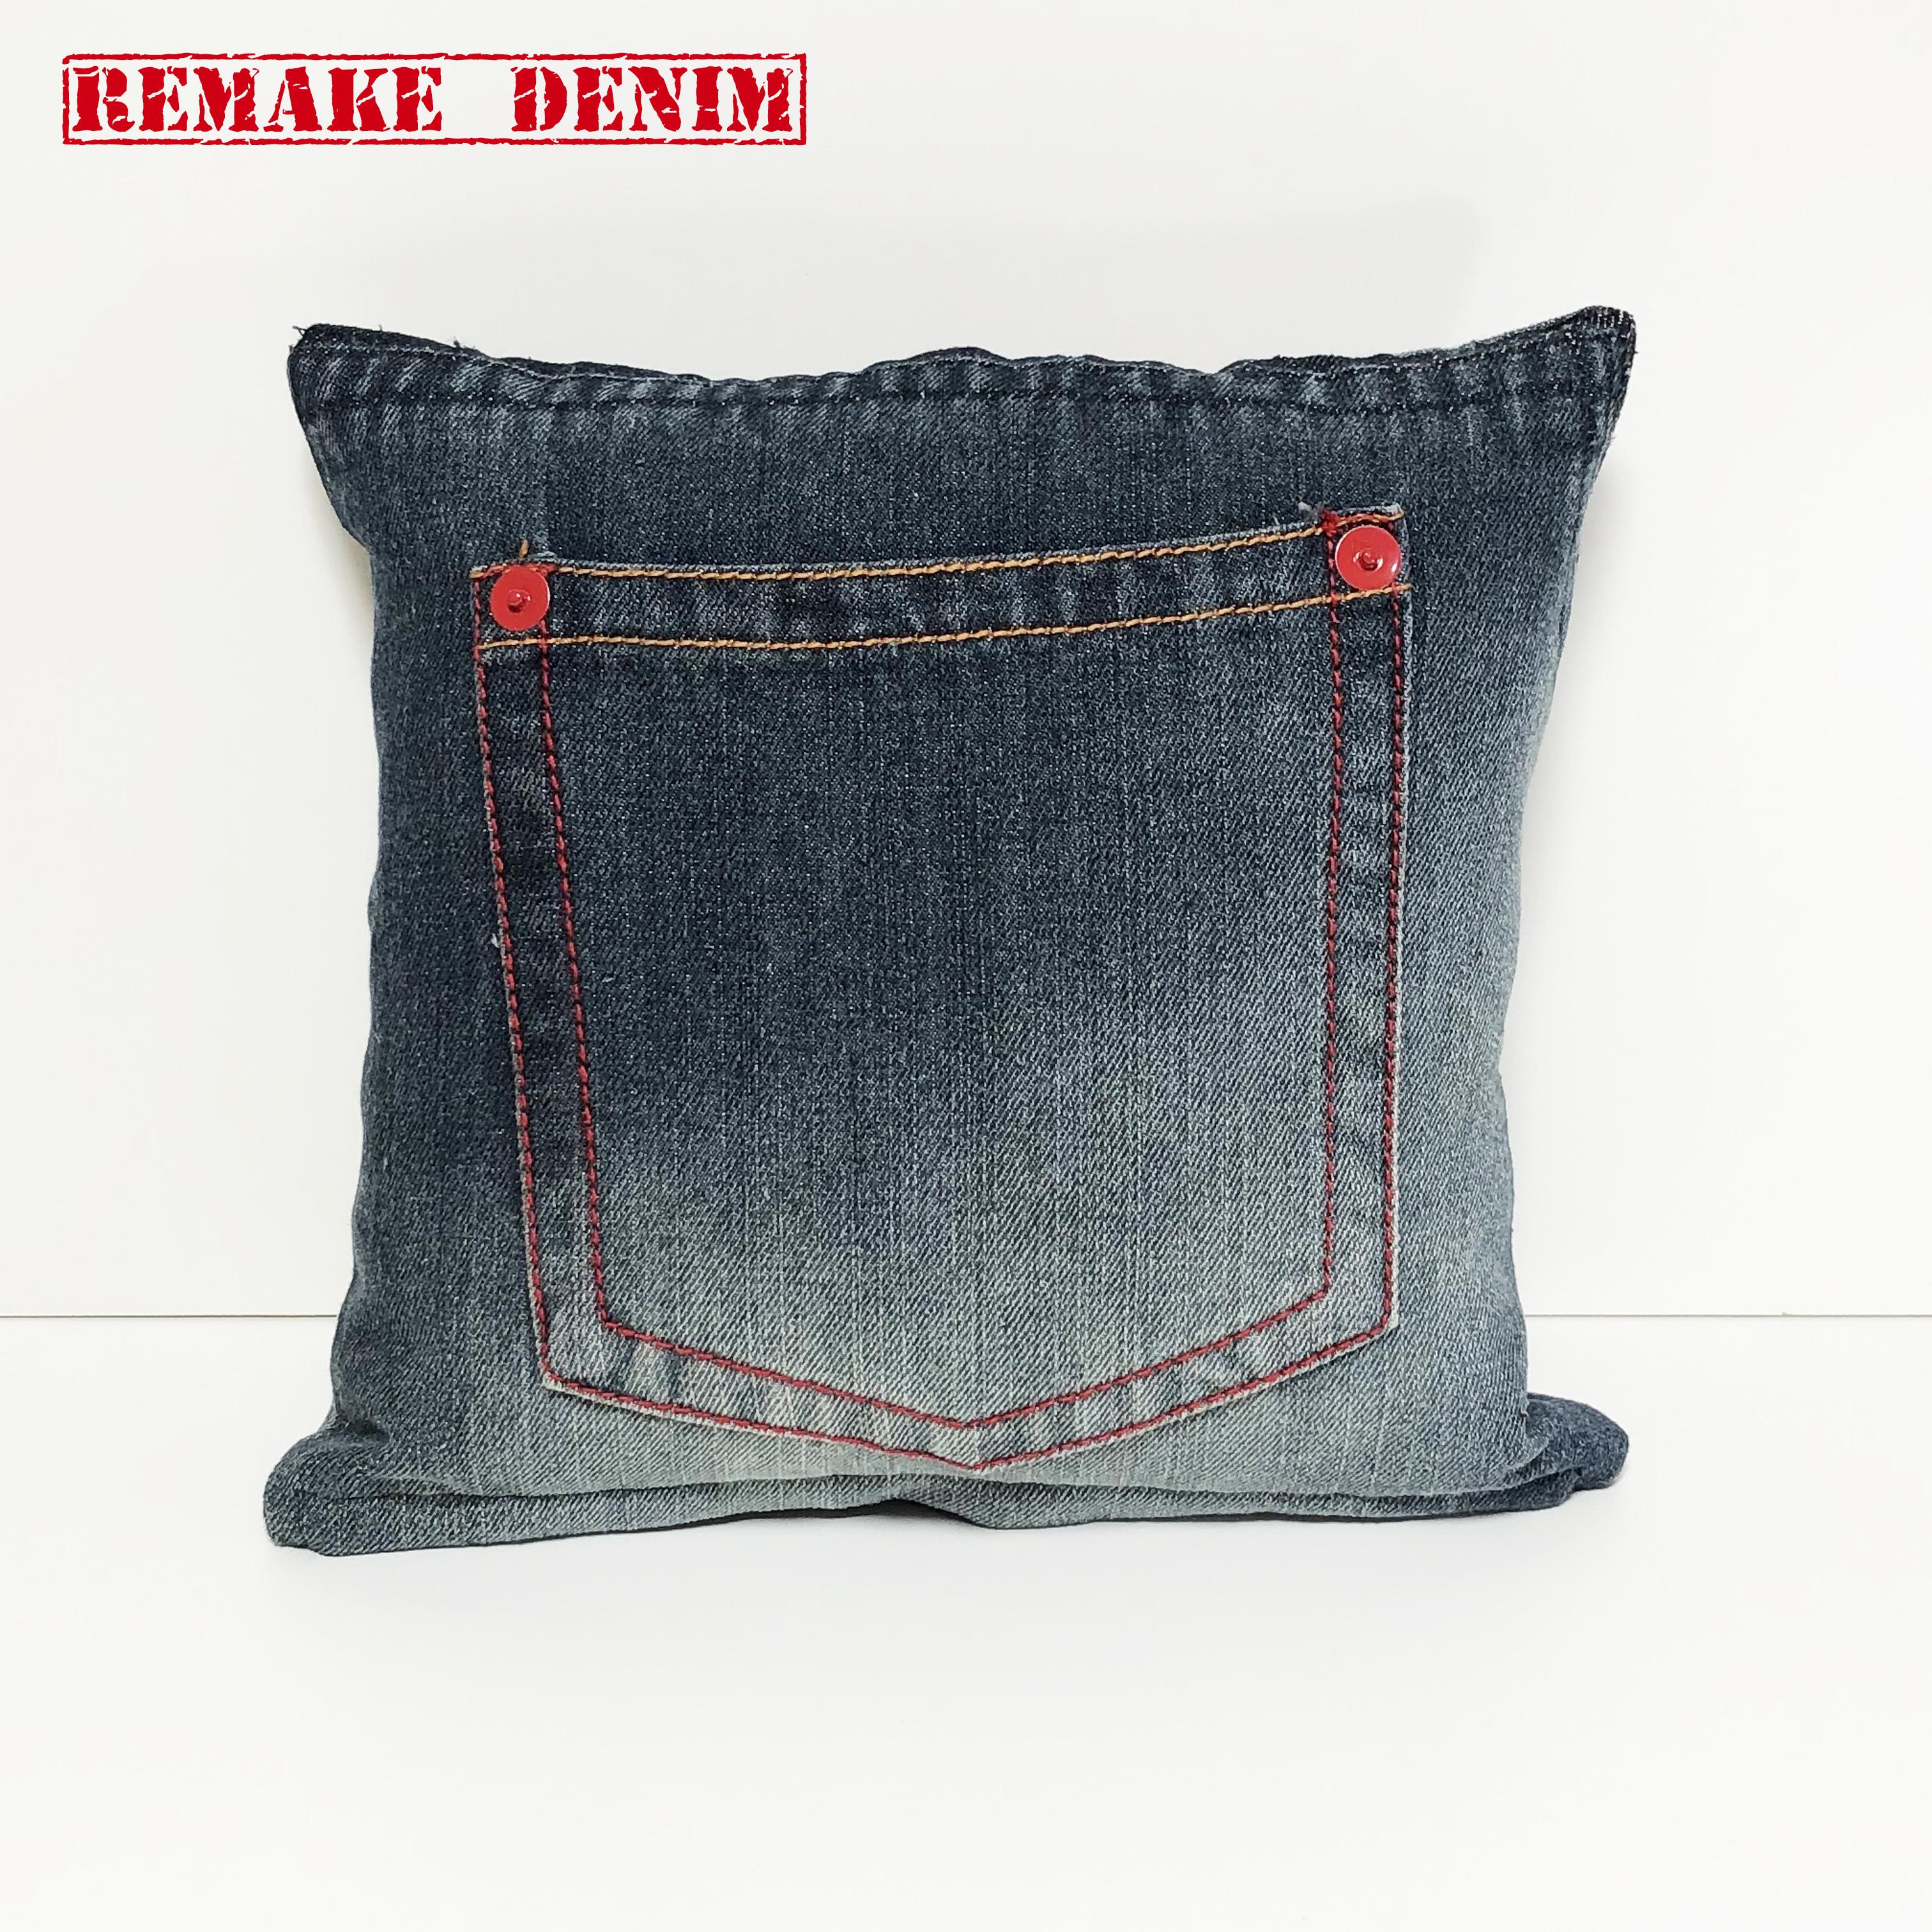 リメイクデニム クッションカバー 30cm 正方形 ジーンズリメイク